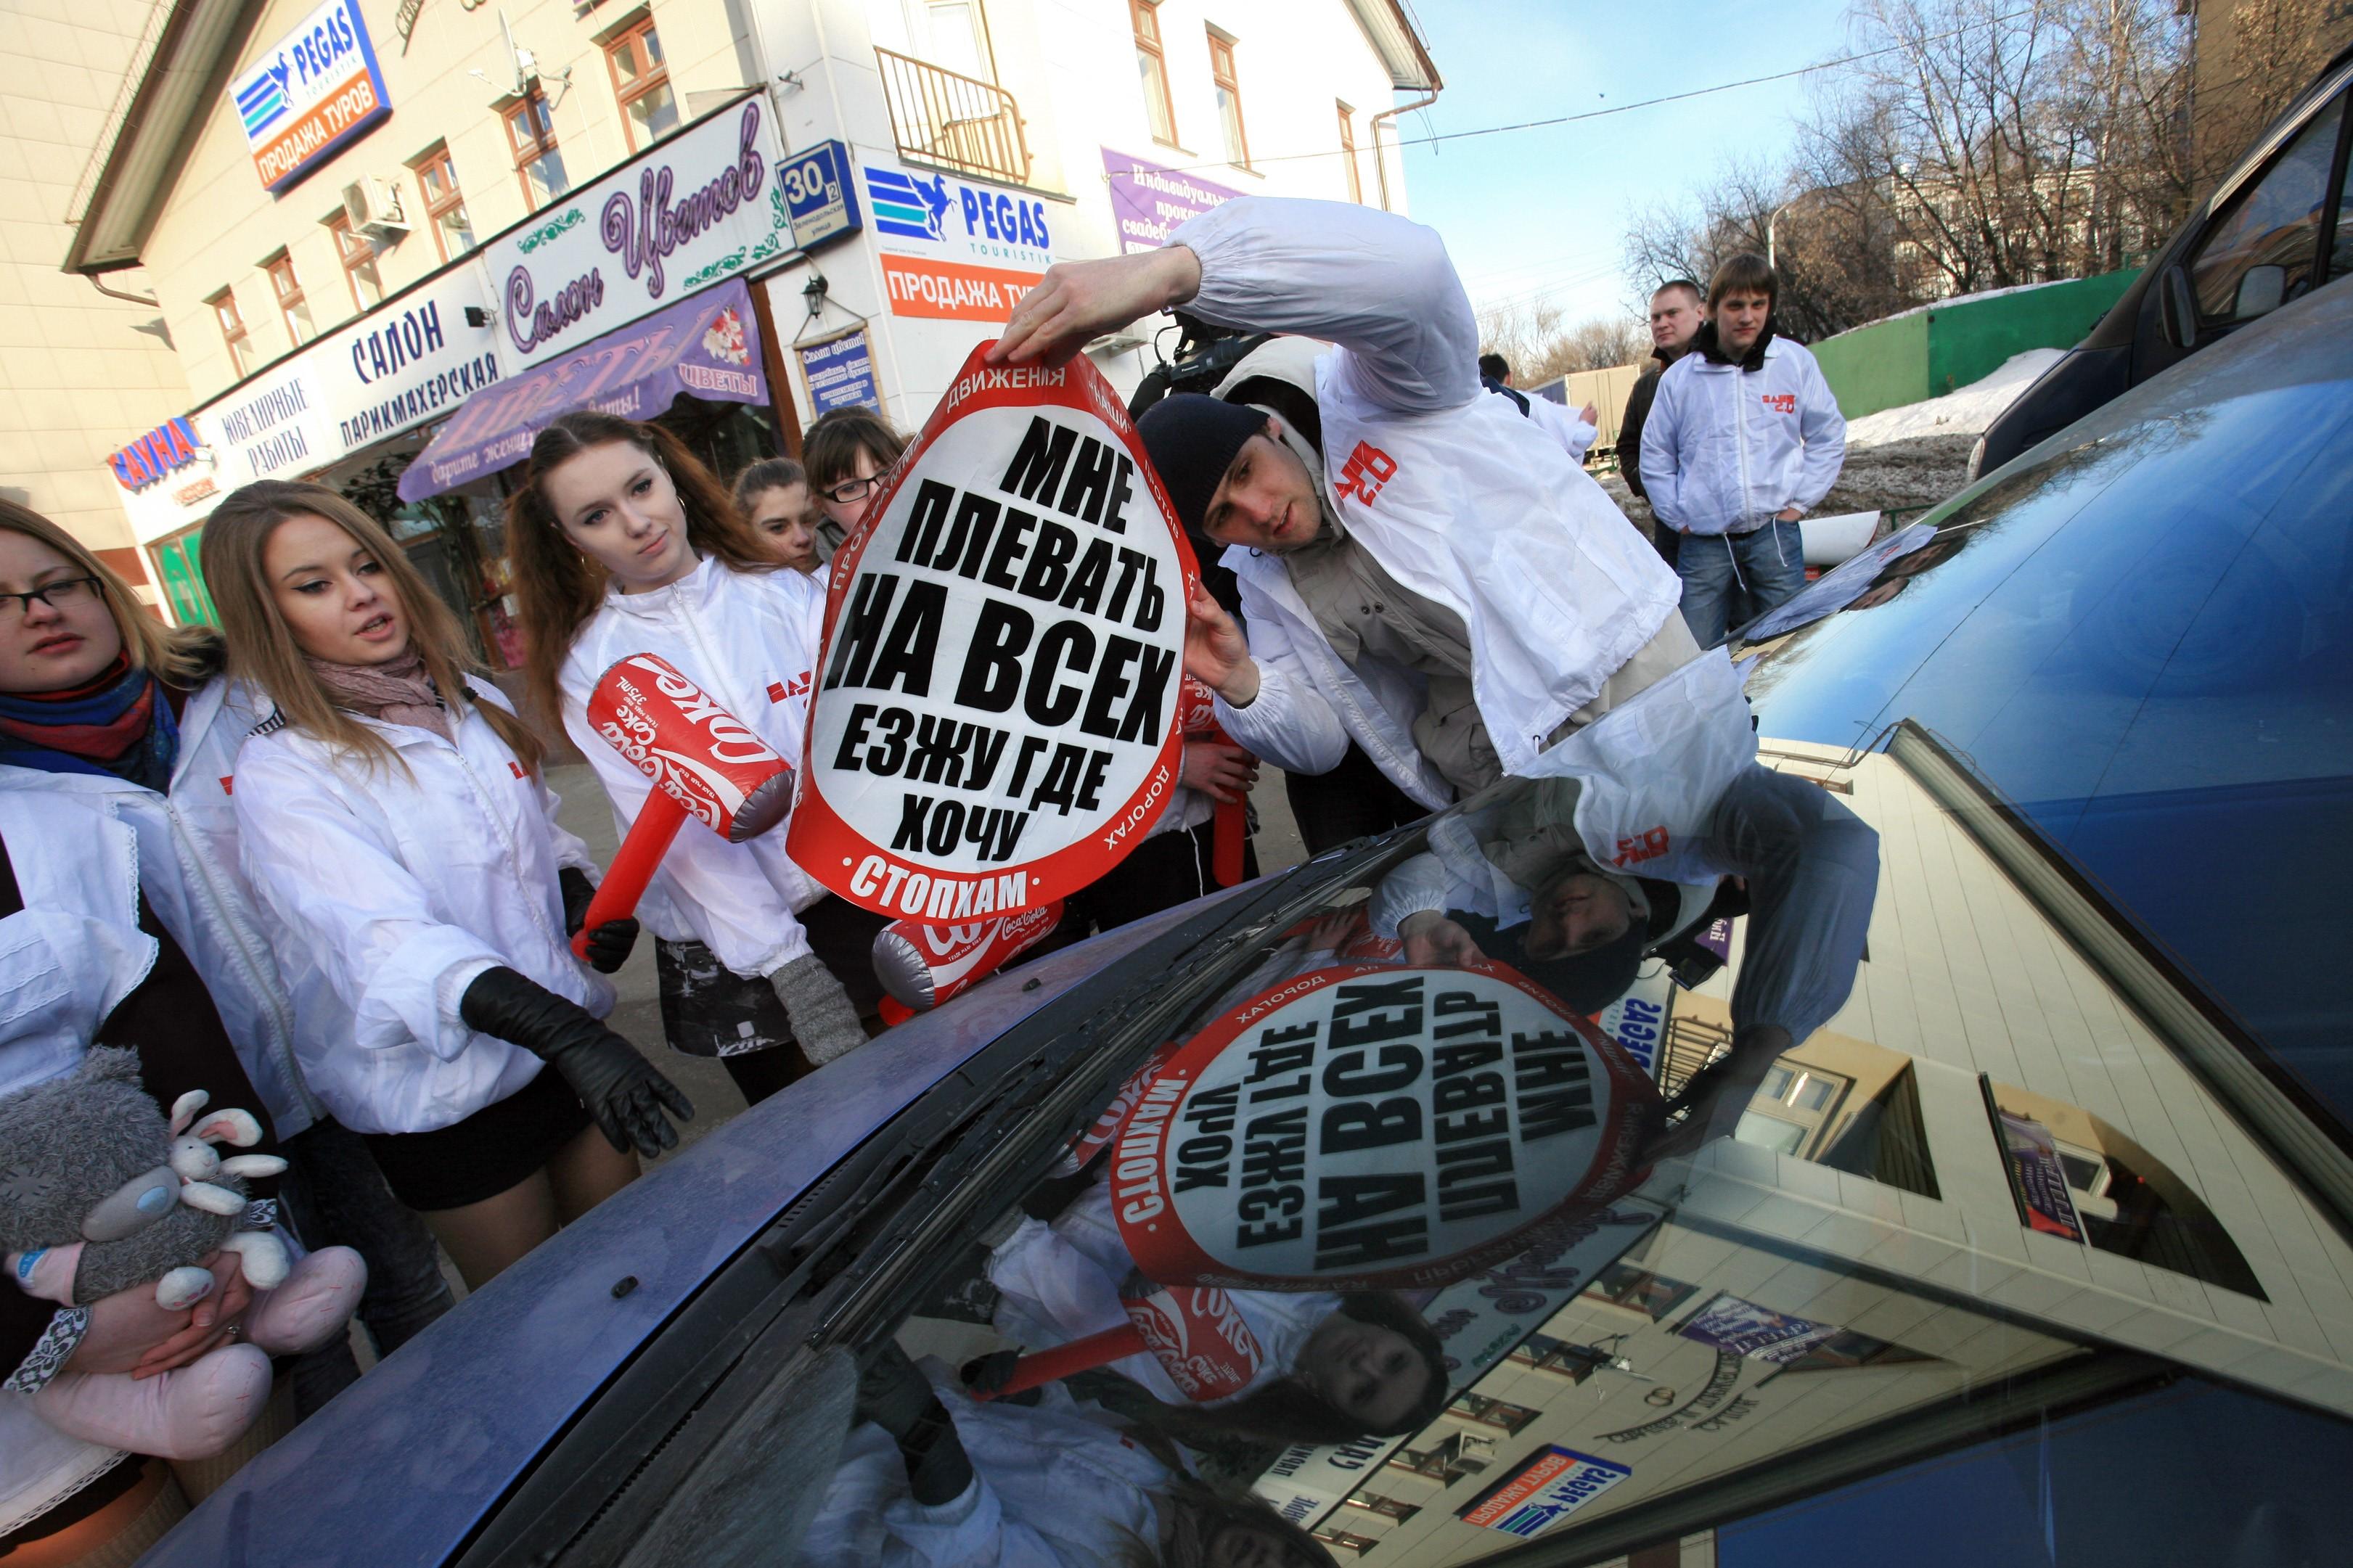 Foto © Ramil Gali / Kommersant. Aktion der Naschi-Bewegung im Rahmen der Kampagne StopCHAM gegen Autos, die z. B. über Gehwege fahren und dafür mit Aufklebern beklebt werden: Mir ist alles scheißegal, ich fahre wo ich will.